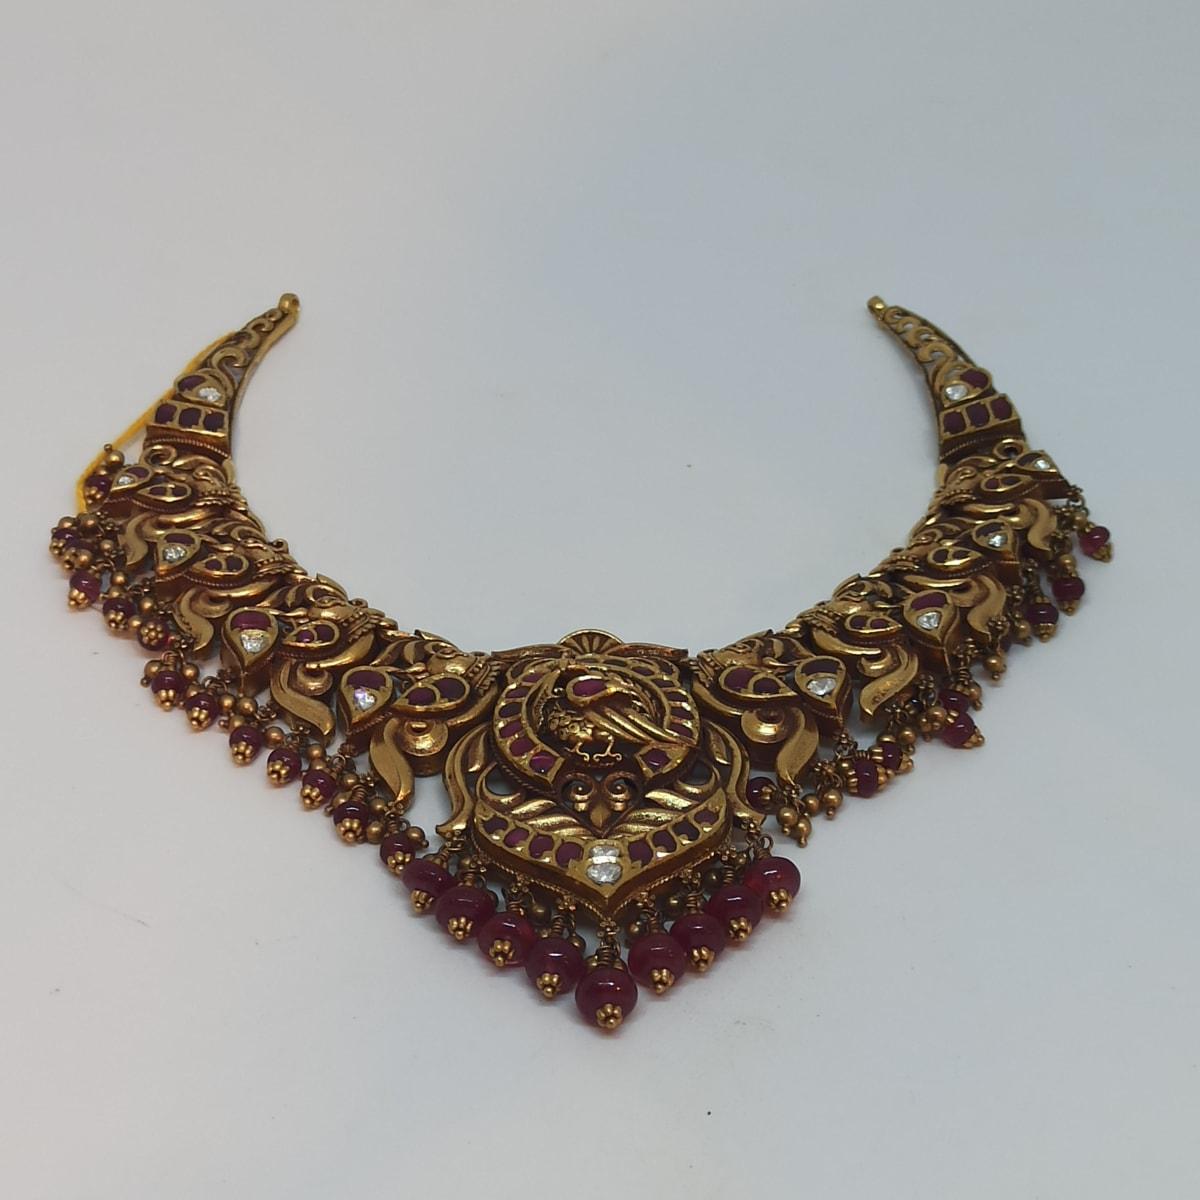 Antique Gold Kemp Necklace